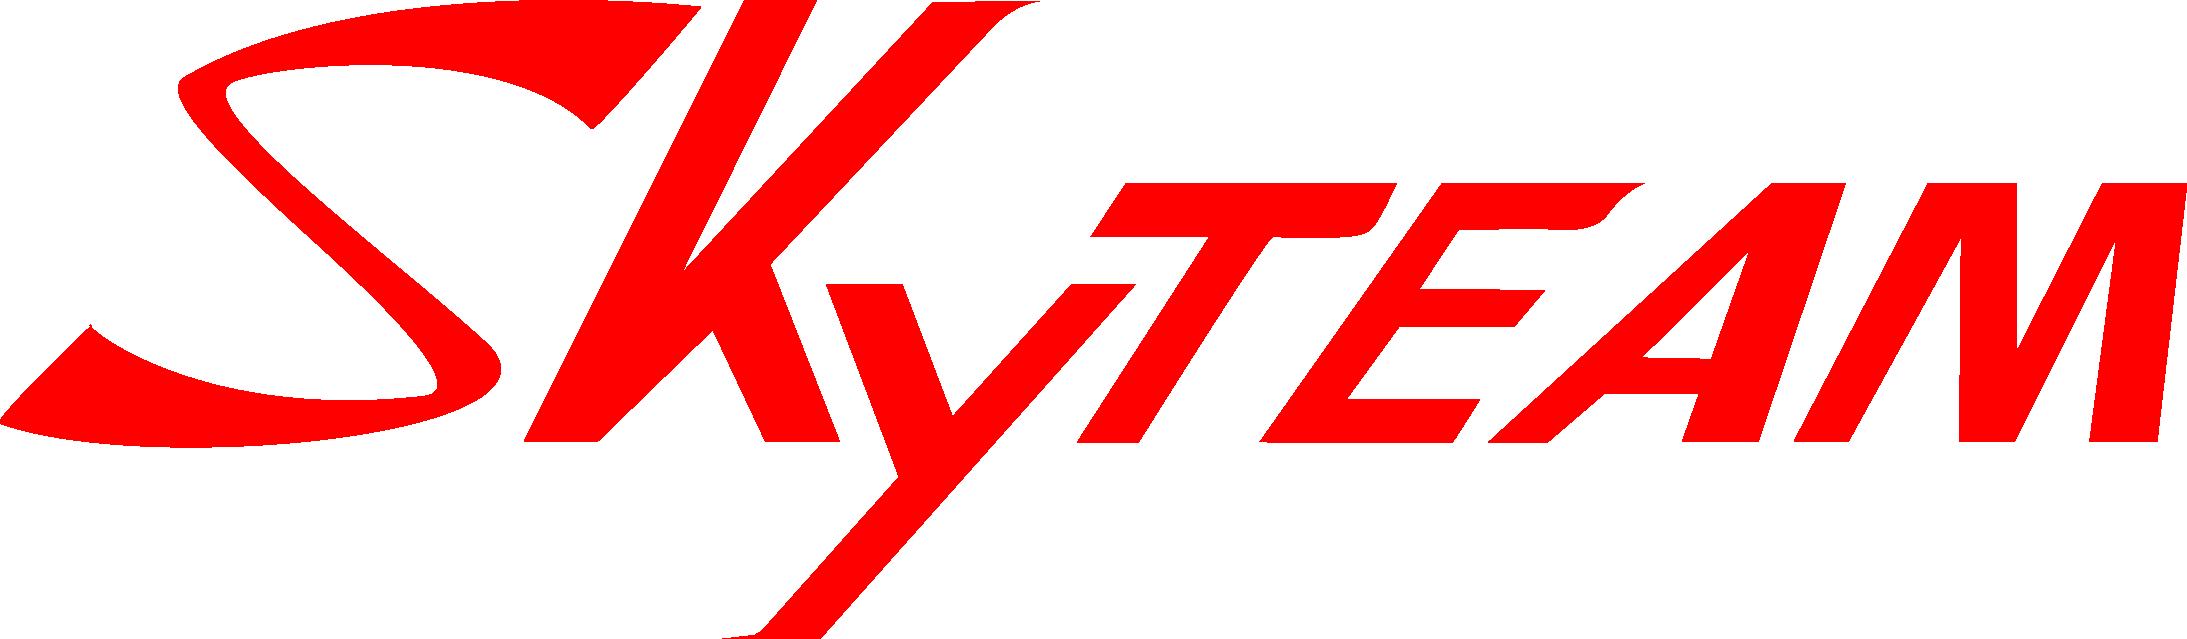 SKYTEAM